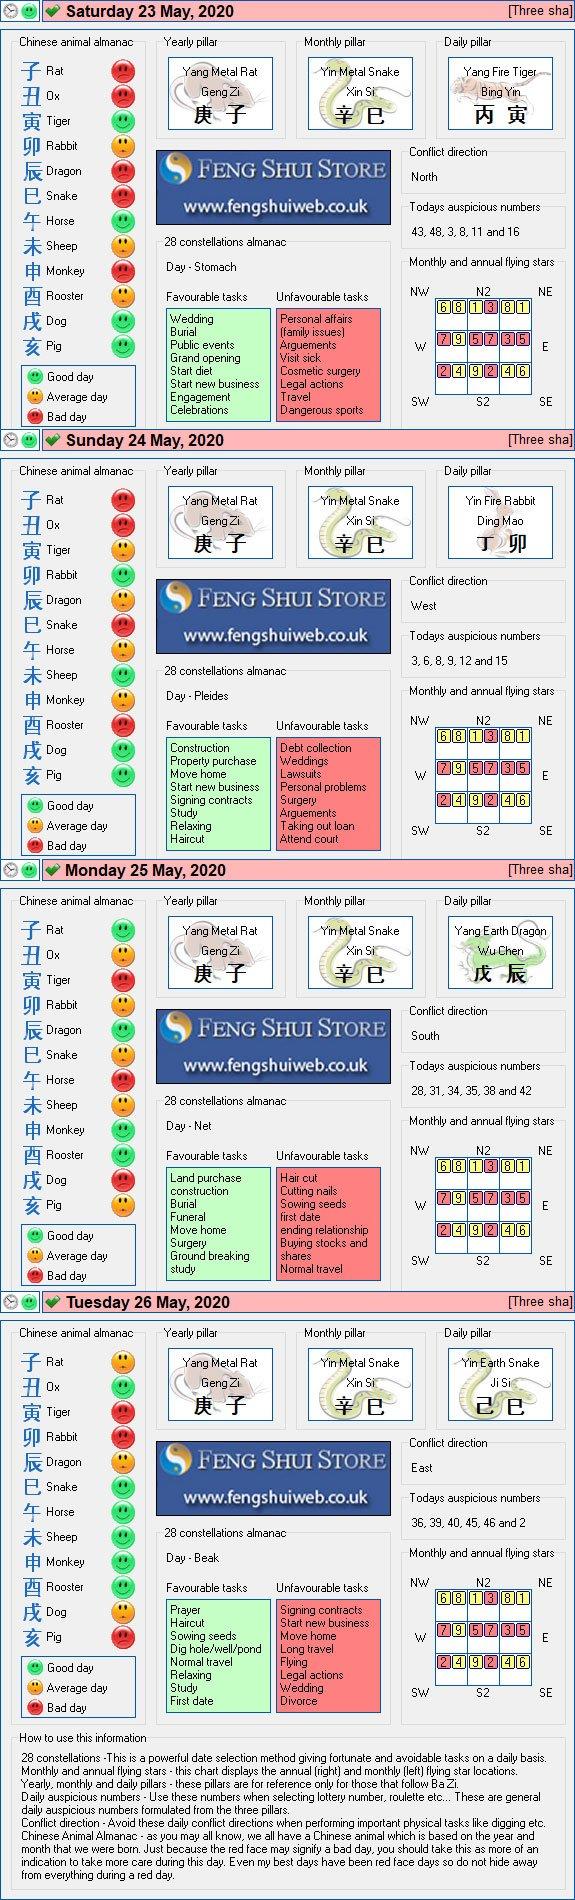 Tong Shu Almanac for Saturday 23rd - Tuesday 26th May 2020